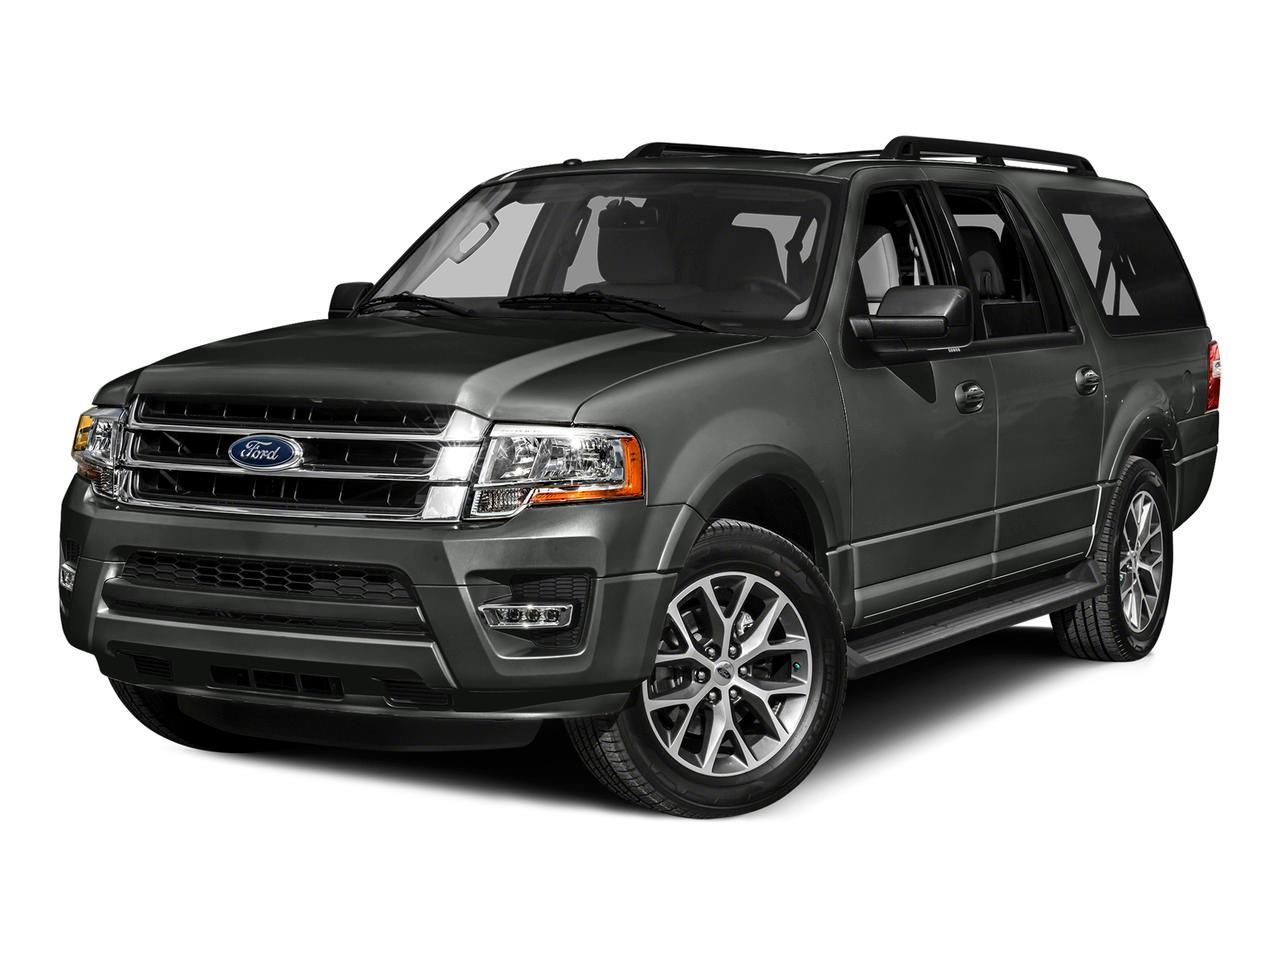 2015 Ford Expedition EL Vehicle Photo in MENOMONIE, WI 54751-1341